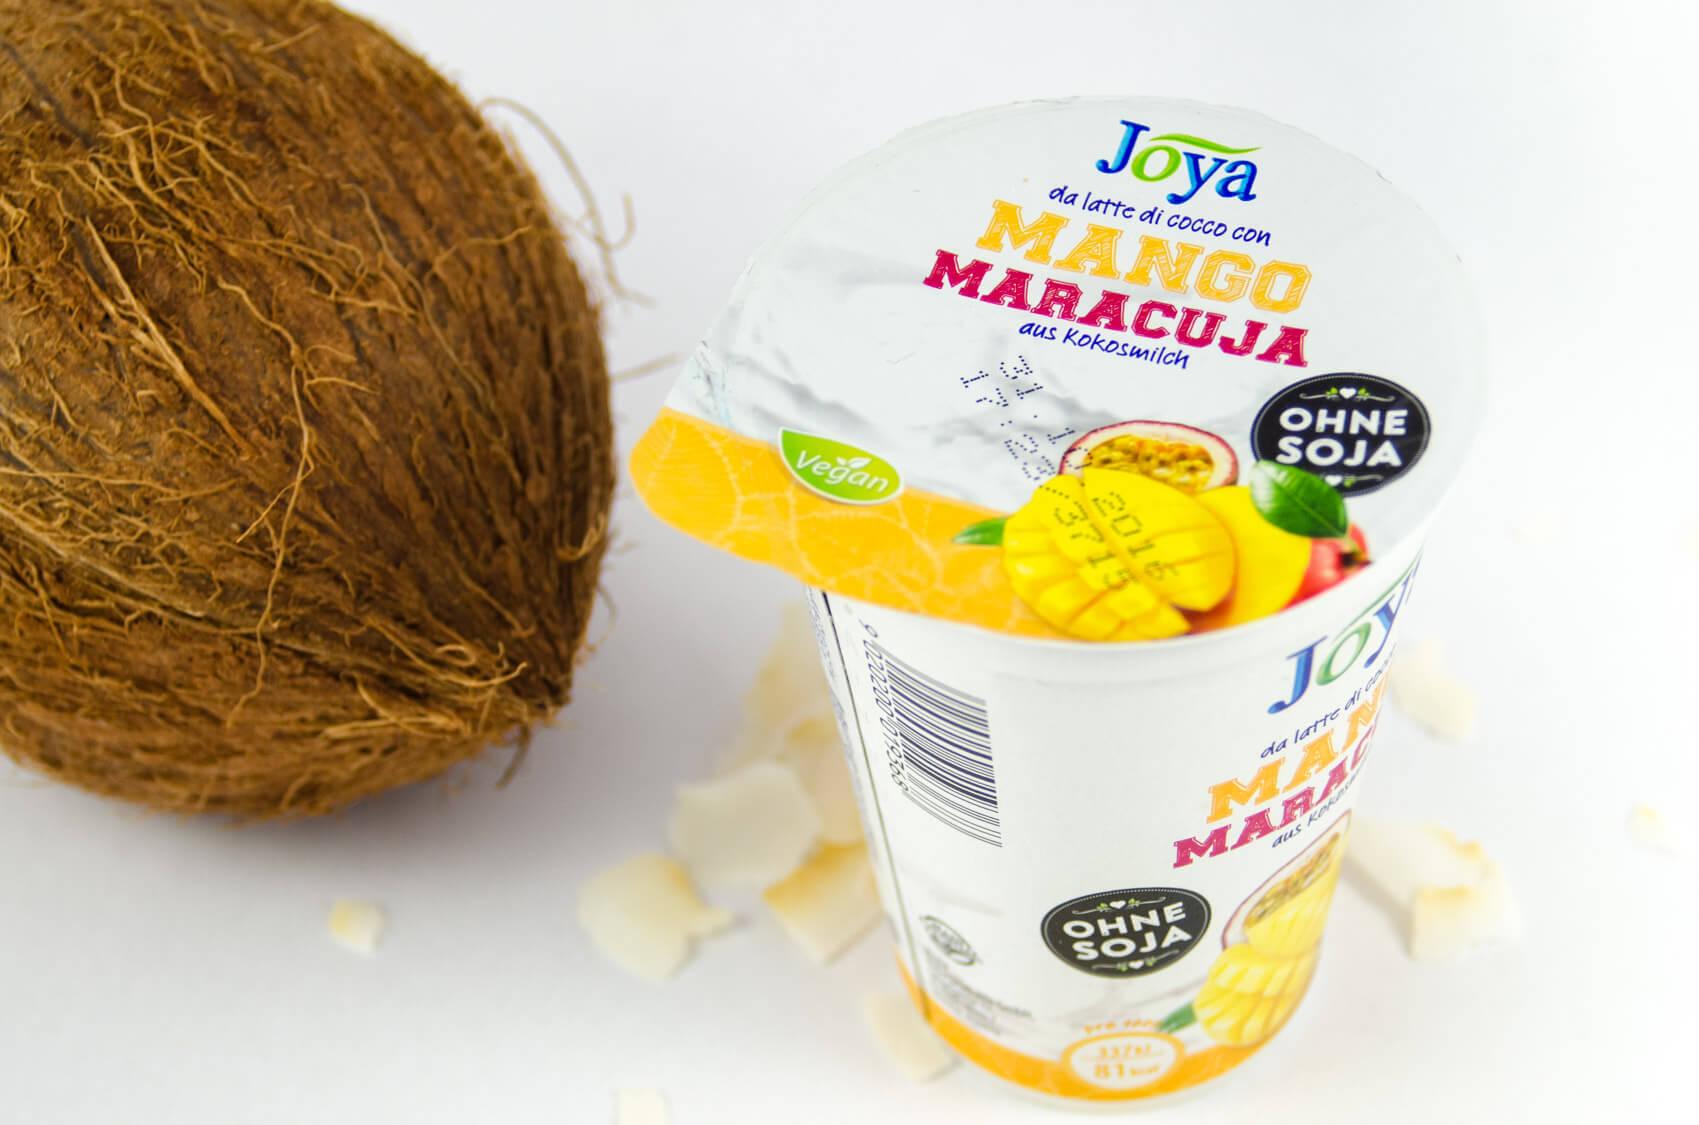 Kokos-Joghurt Joya